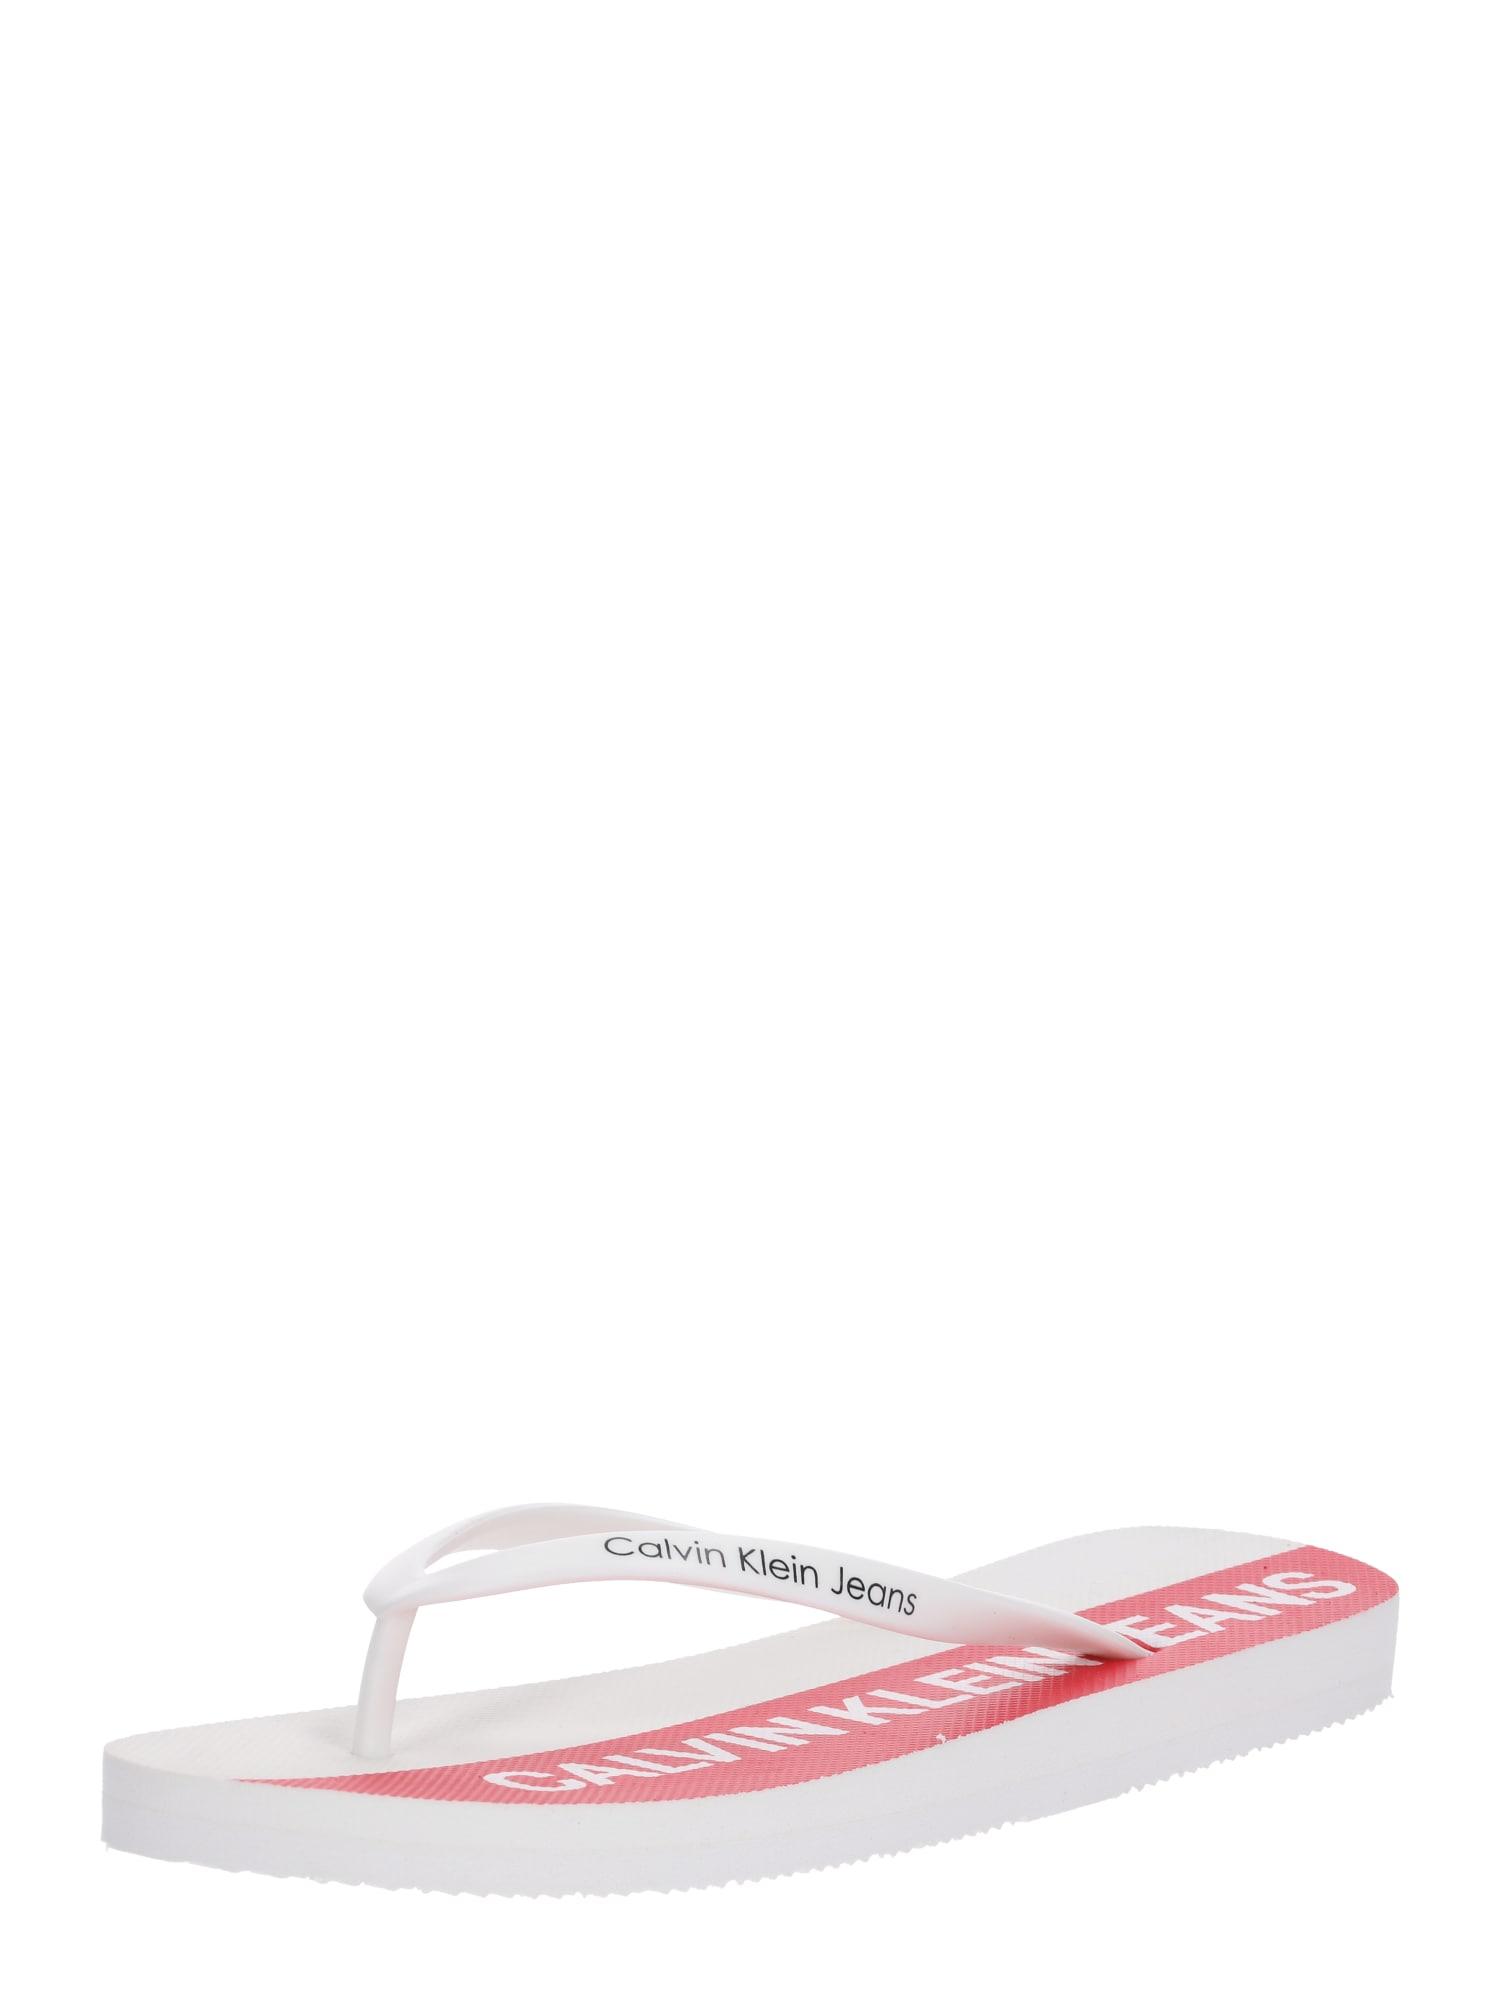 Žabky DORI červená bílá Calvin Klein Jeans